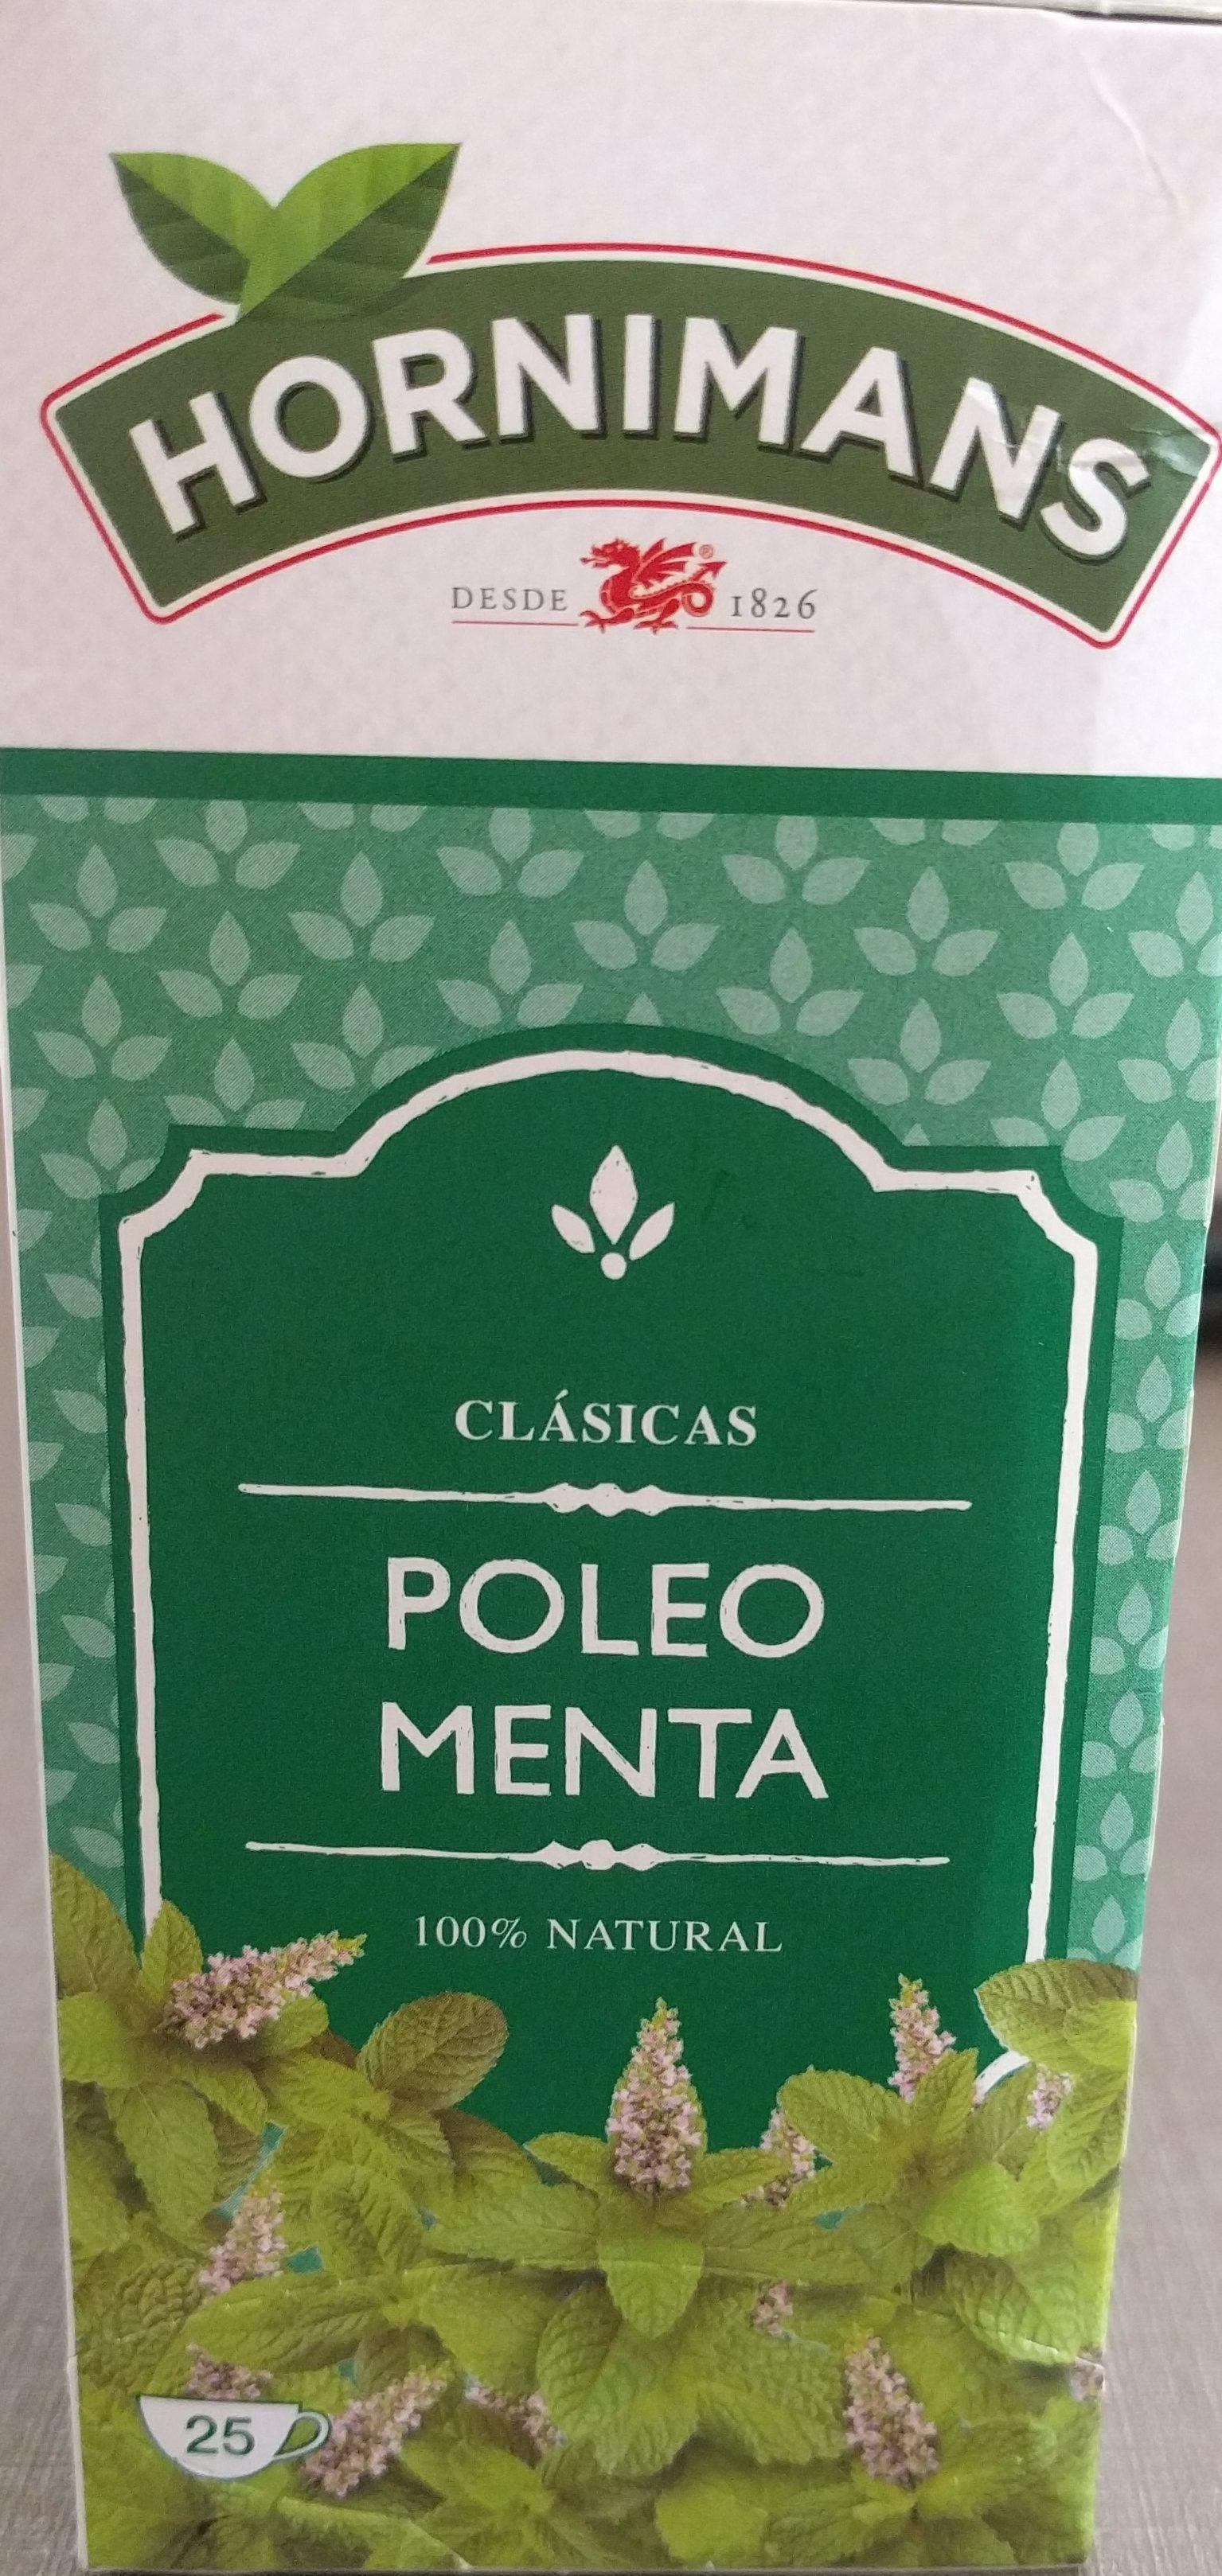 Poleo Menta Hornimans - Producto - es